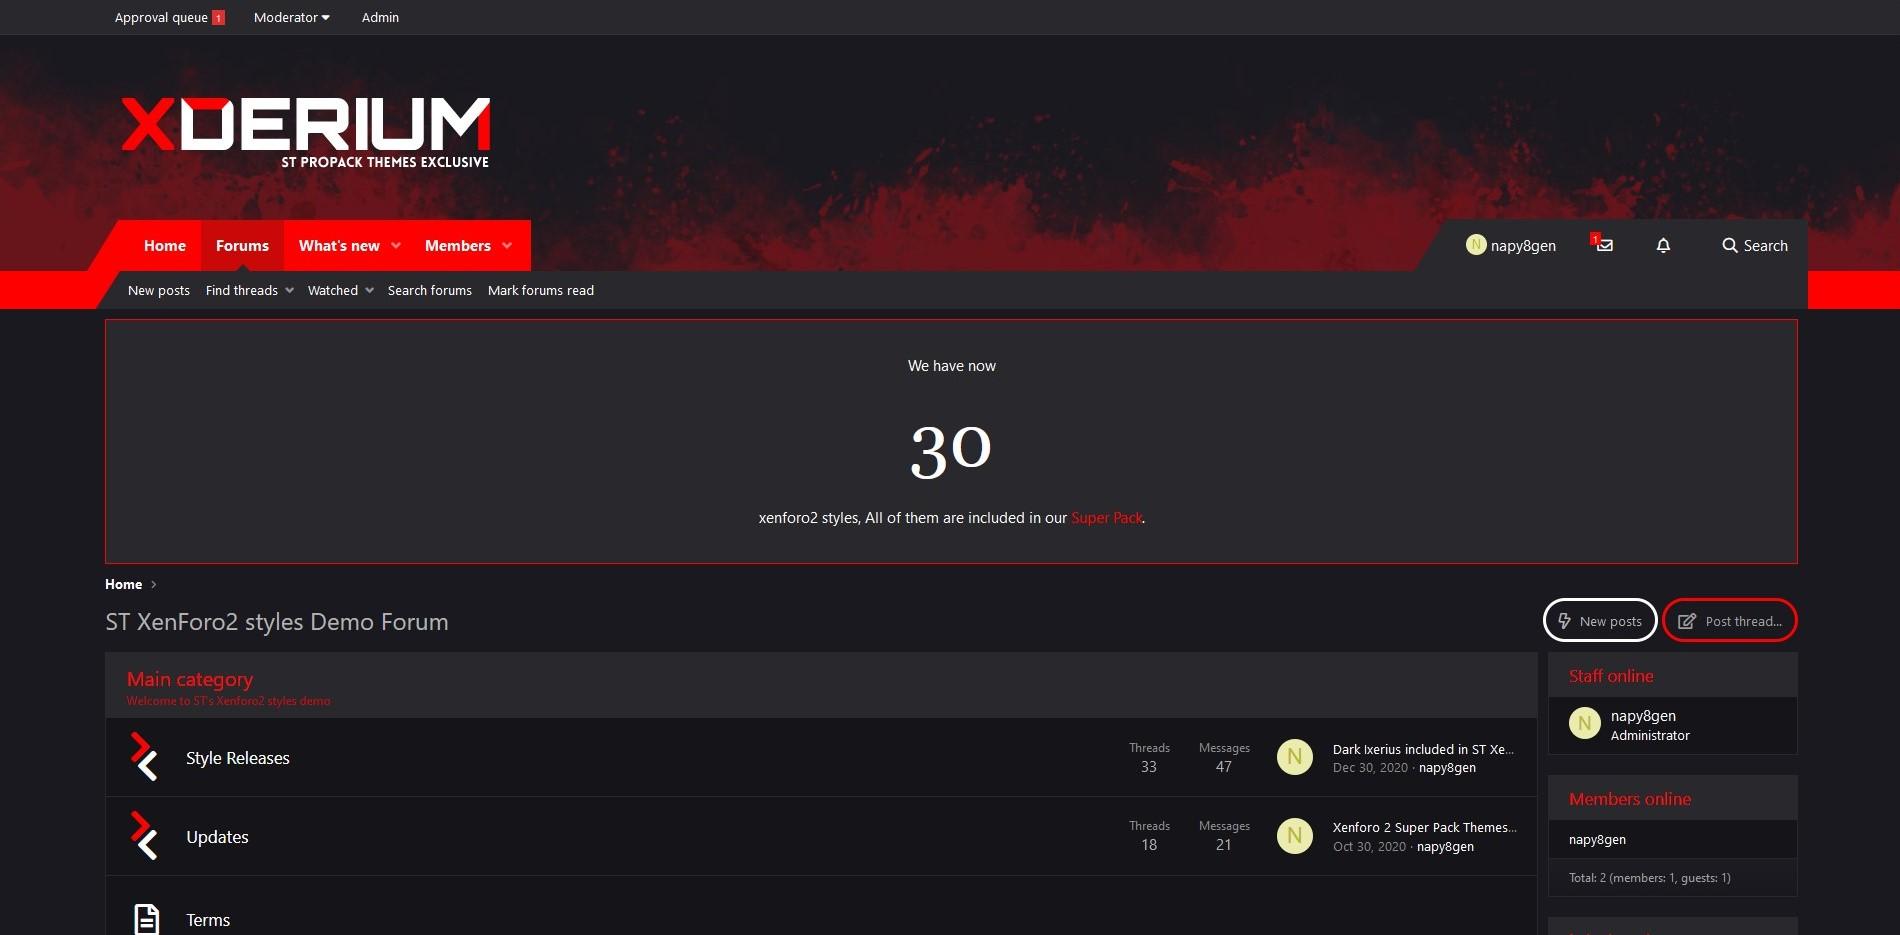 SharedScreenshot2 9 - Dark Ixerius and Dark Xderium released!